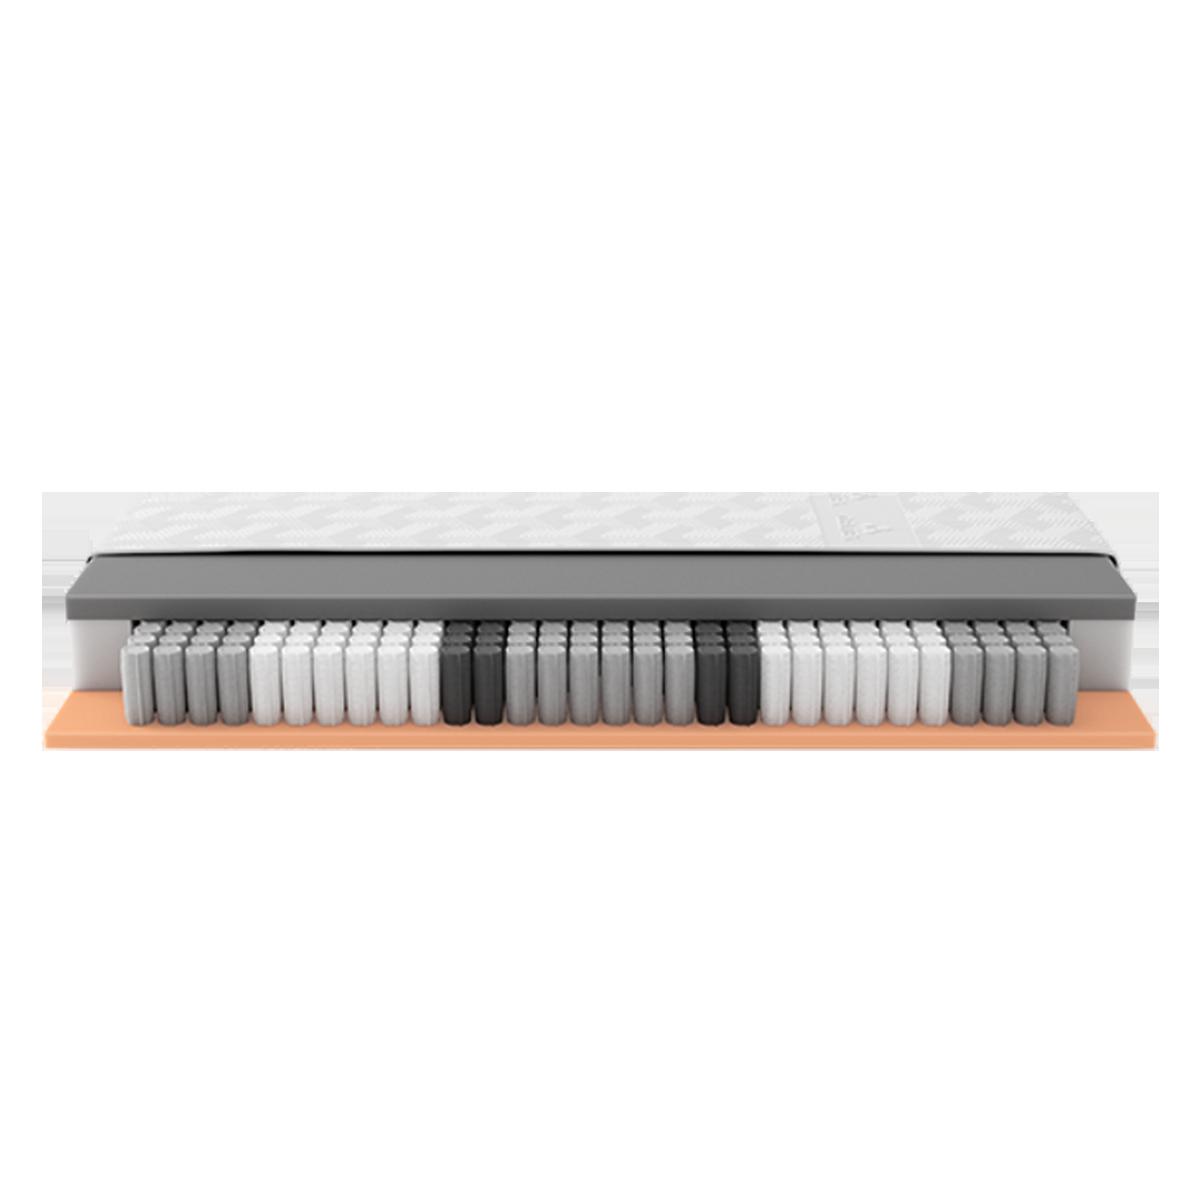 c336c475ddcc36 kostenlose Lieferung ins deutsche Festland Schlaraffia Orange Z77 TFK  Geltex® inside Matratze in verschiedenen Größen und Härtegraden